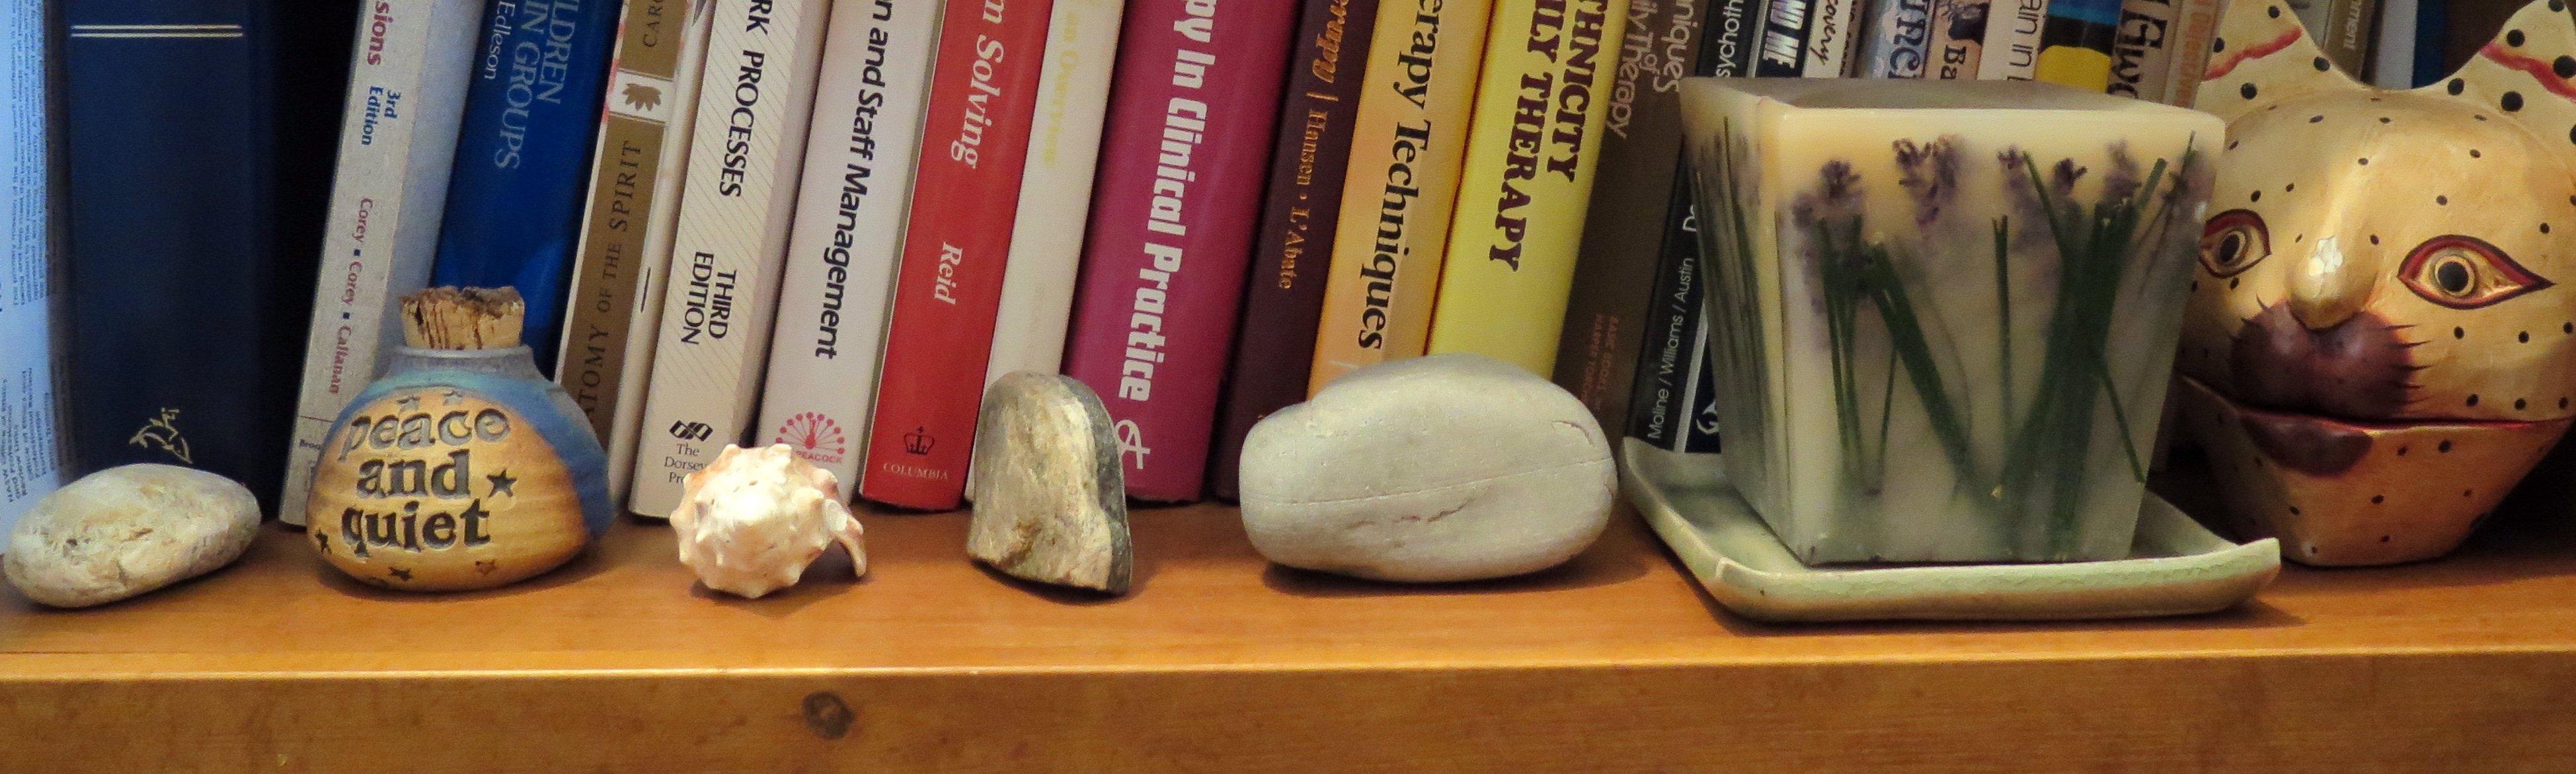 Bookshelf Nick Nacks